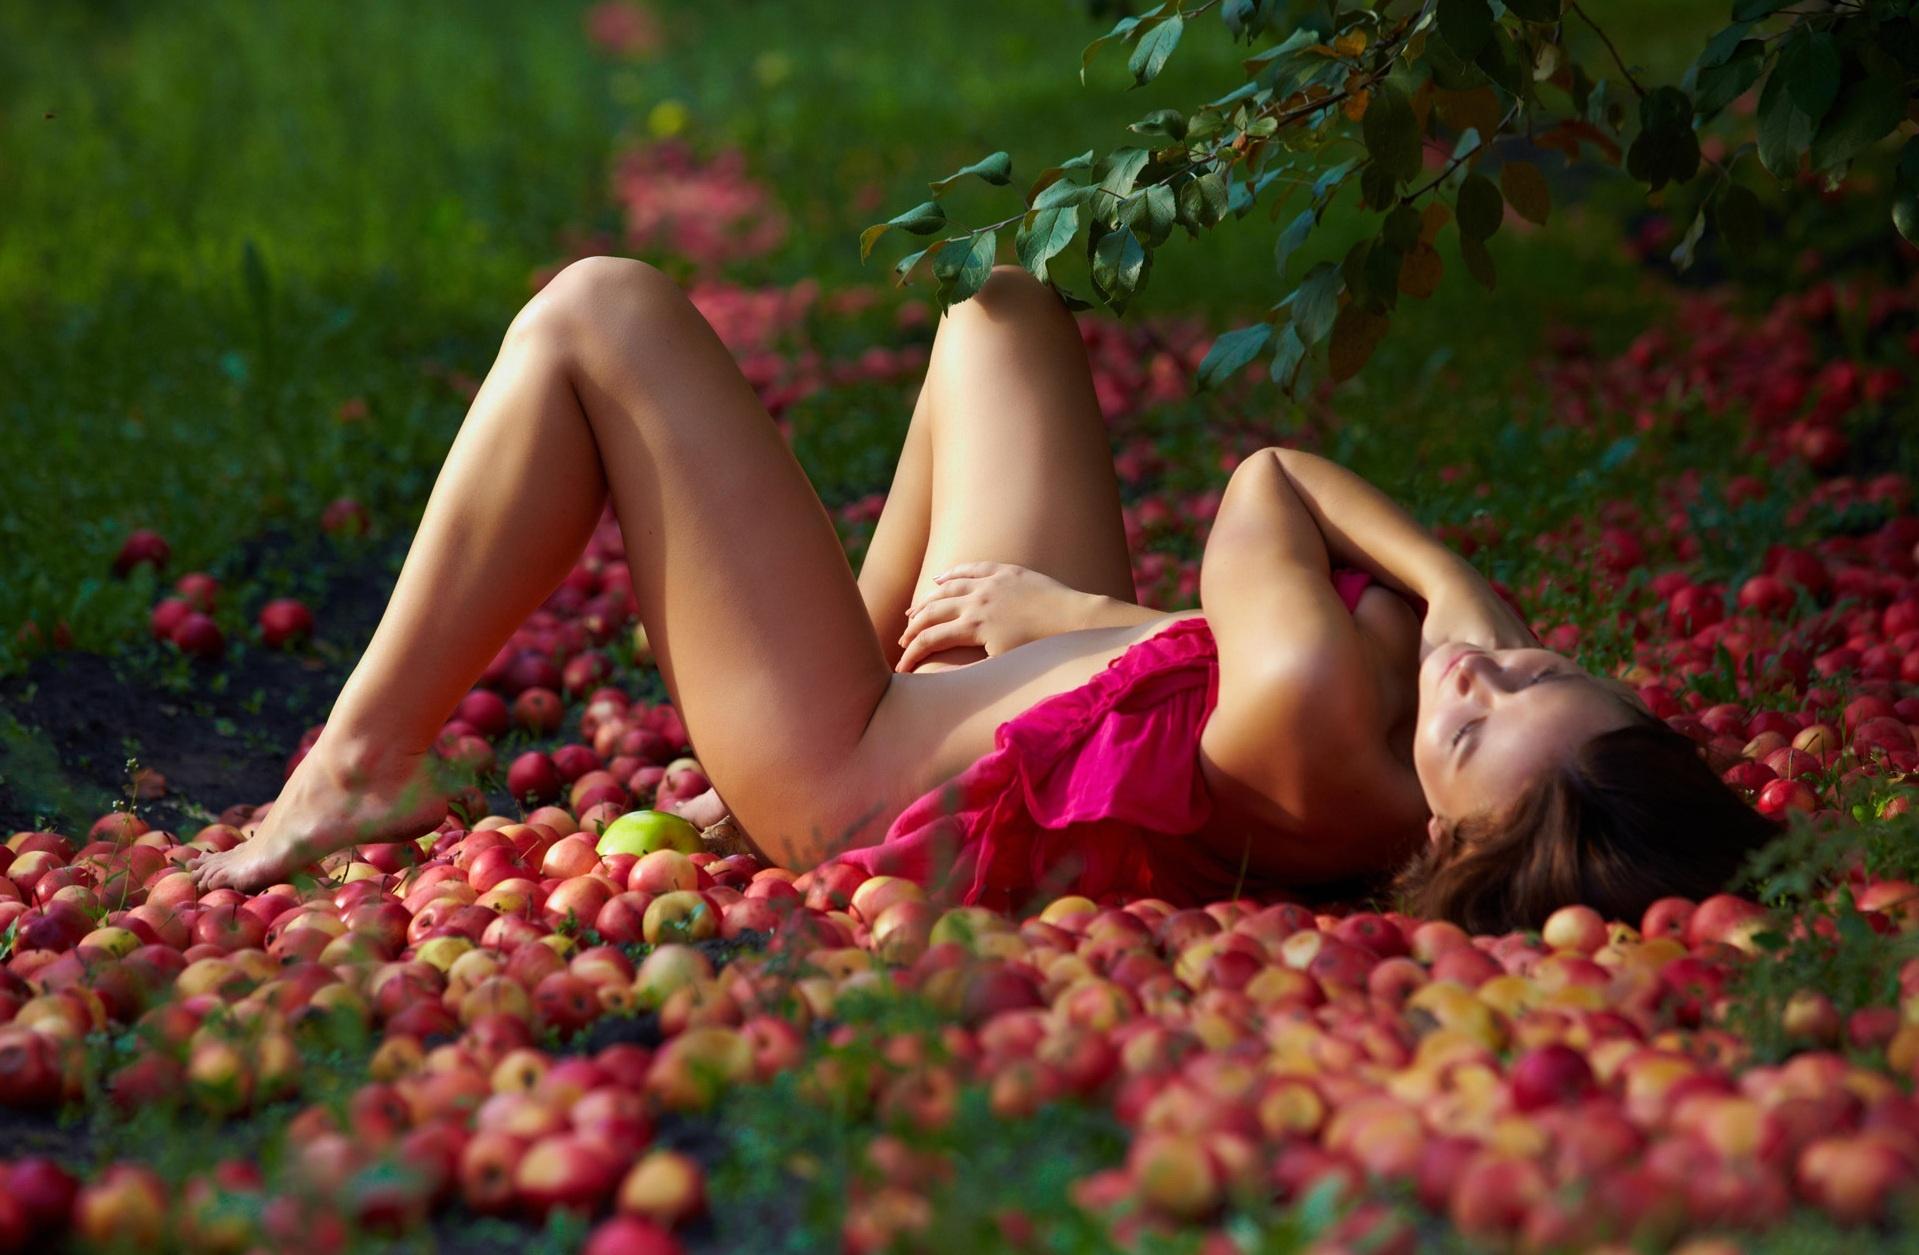 Эротика в летнем саду 18 фотография